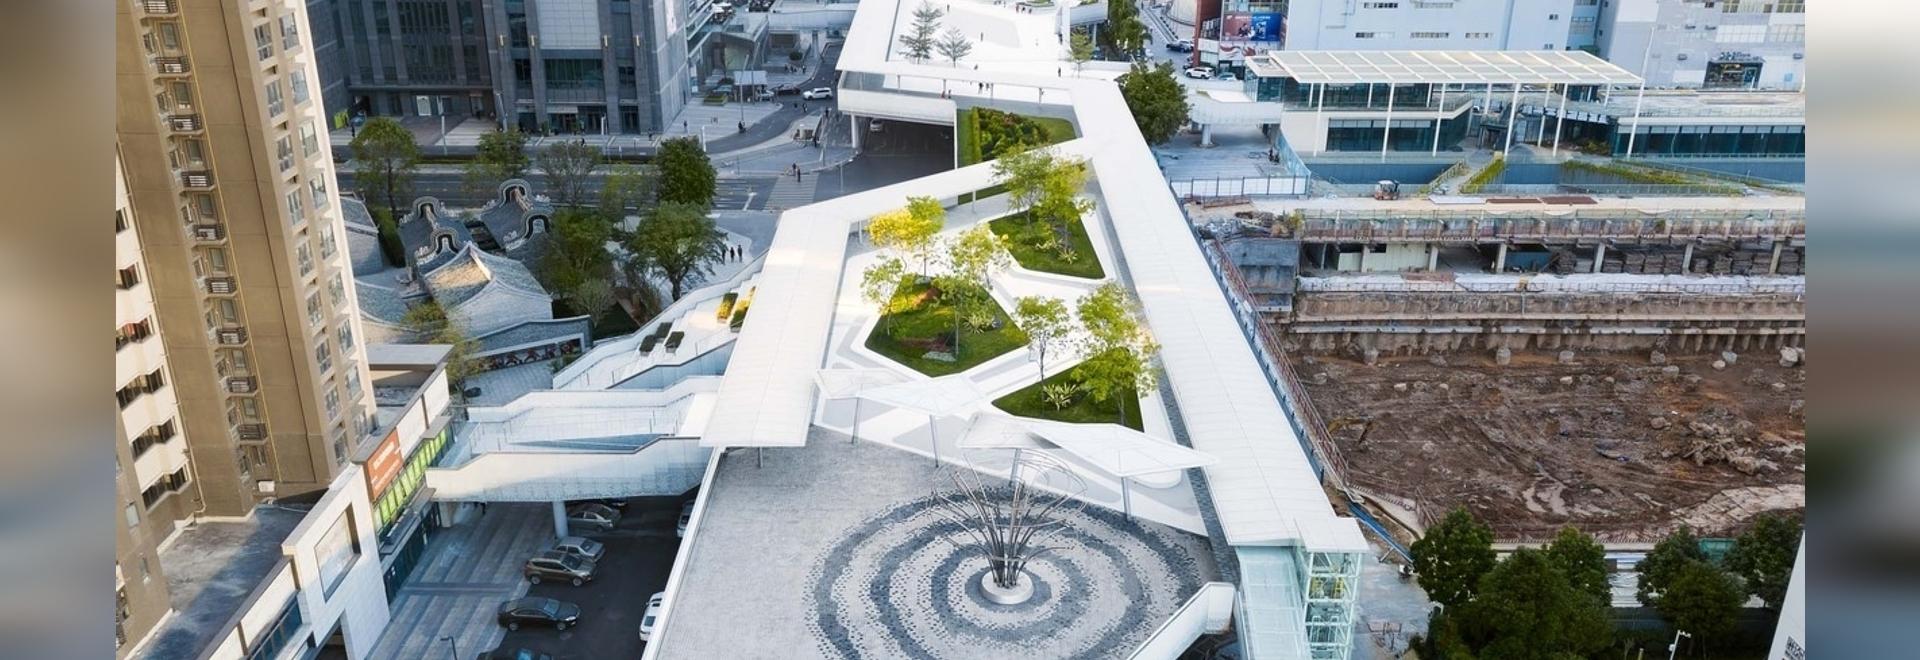 Schwimmender Archipel, Entwurf einer Fußgängerbrücke / FCHA